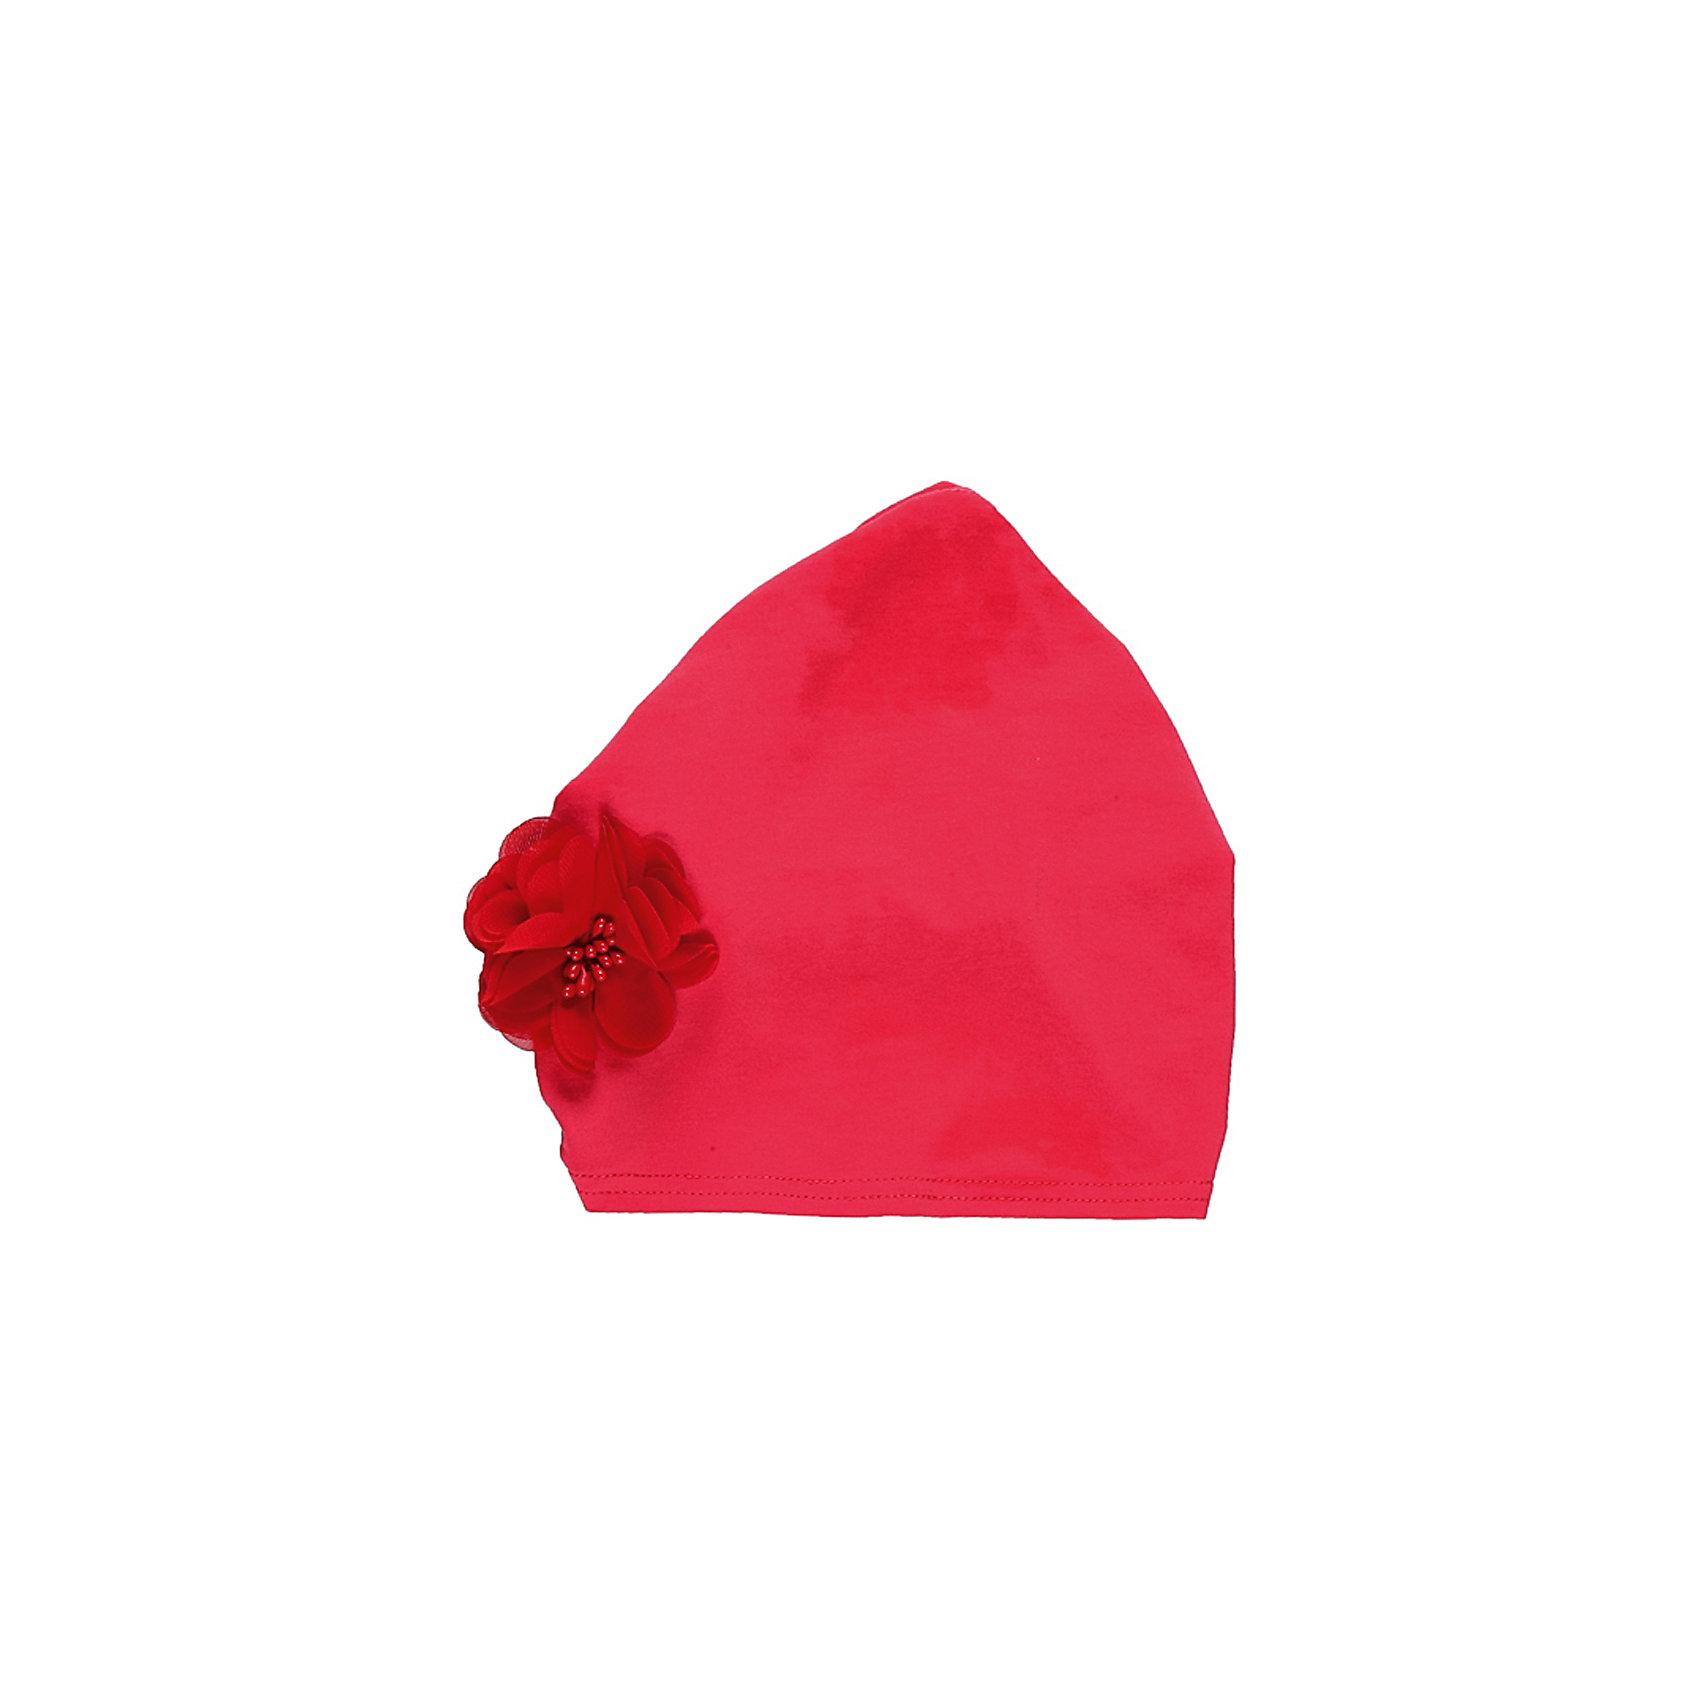 Повязка на голову для девочки Sweet BerryГоловные уборы<br>Косынка на девочку, из тонкого трикотажа, декорирована шифоновым цветком.<br>Состав:<br>100% хлопок<br><br>Ширина мм: 89<br>Глубина мм: 117<br>Высота мм: 44<br>Вес г: 155<br>Цвет: розовый<br>Возраст от месяцев: 48<br>Возраст до месяцев: 60<br>Пол: Женский<br>Возраст: Детский<br>Размер: 52,50,54<br>SKU: 4521286